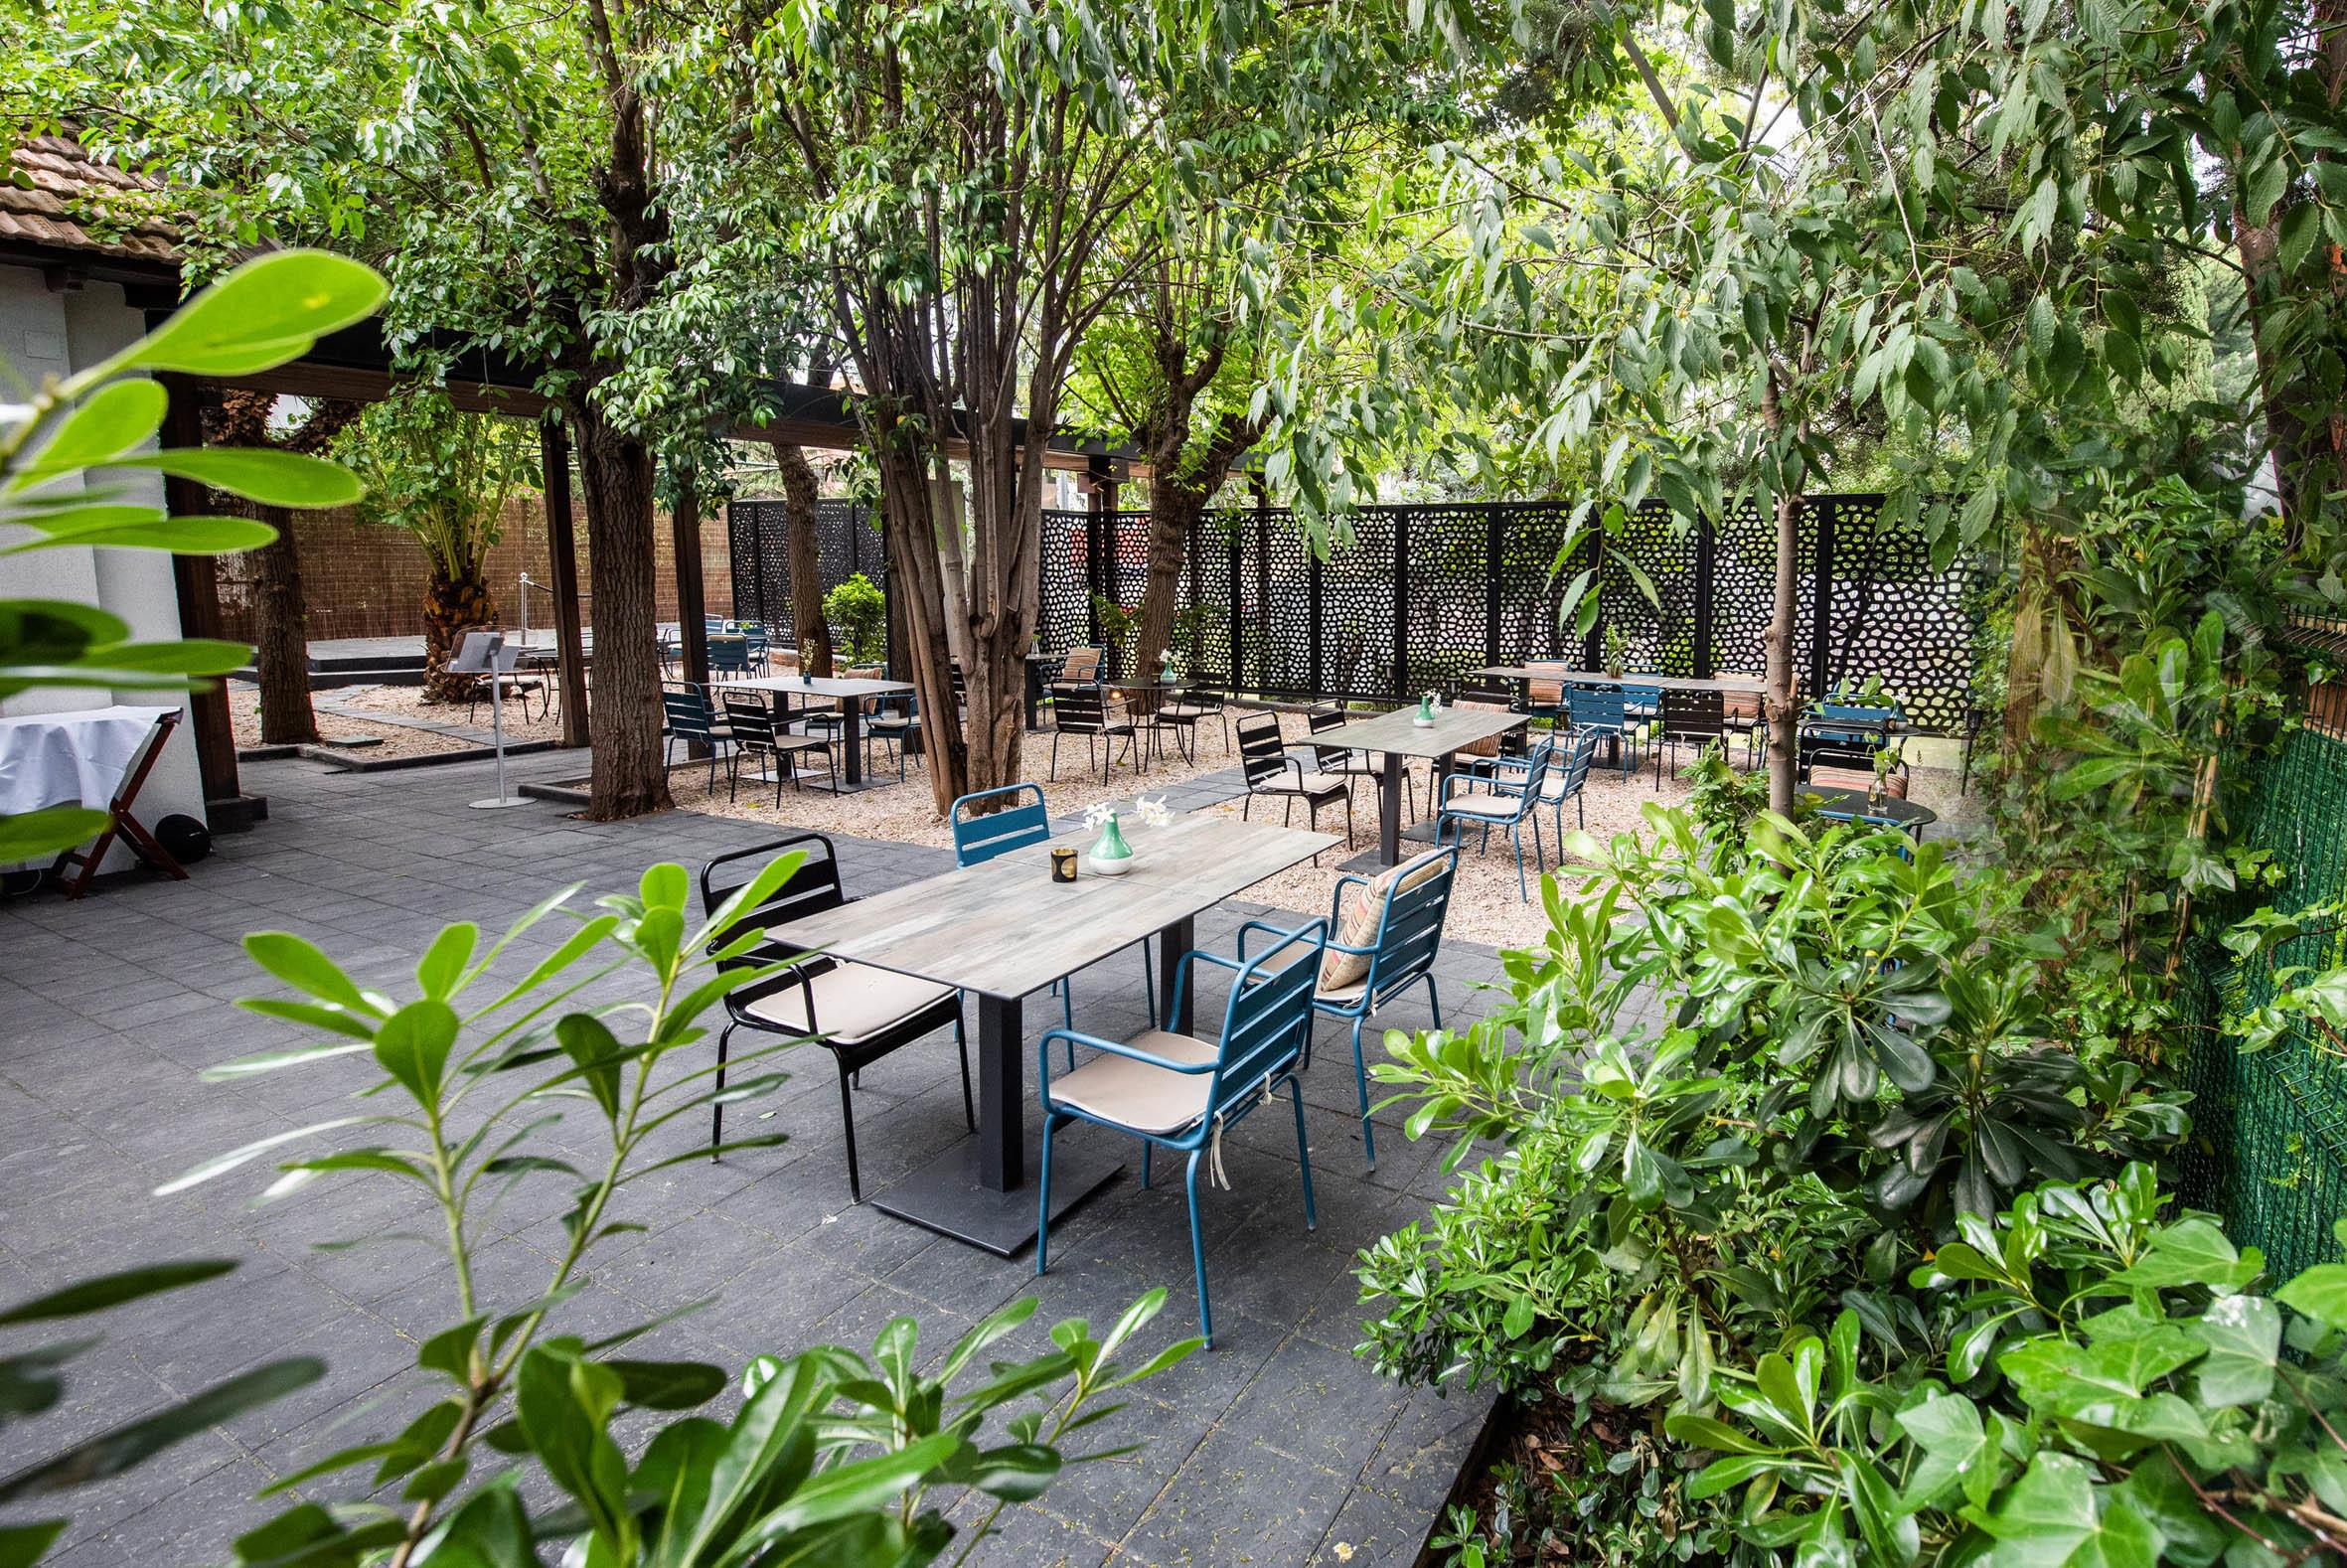 Tenemos una nueva terraza repleta de vegetación